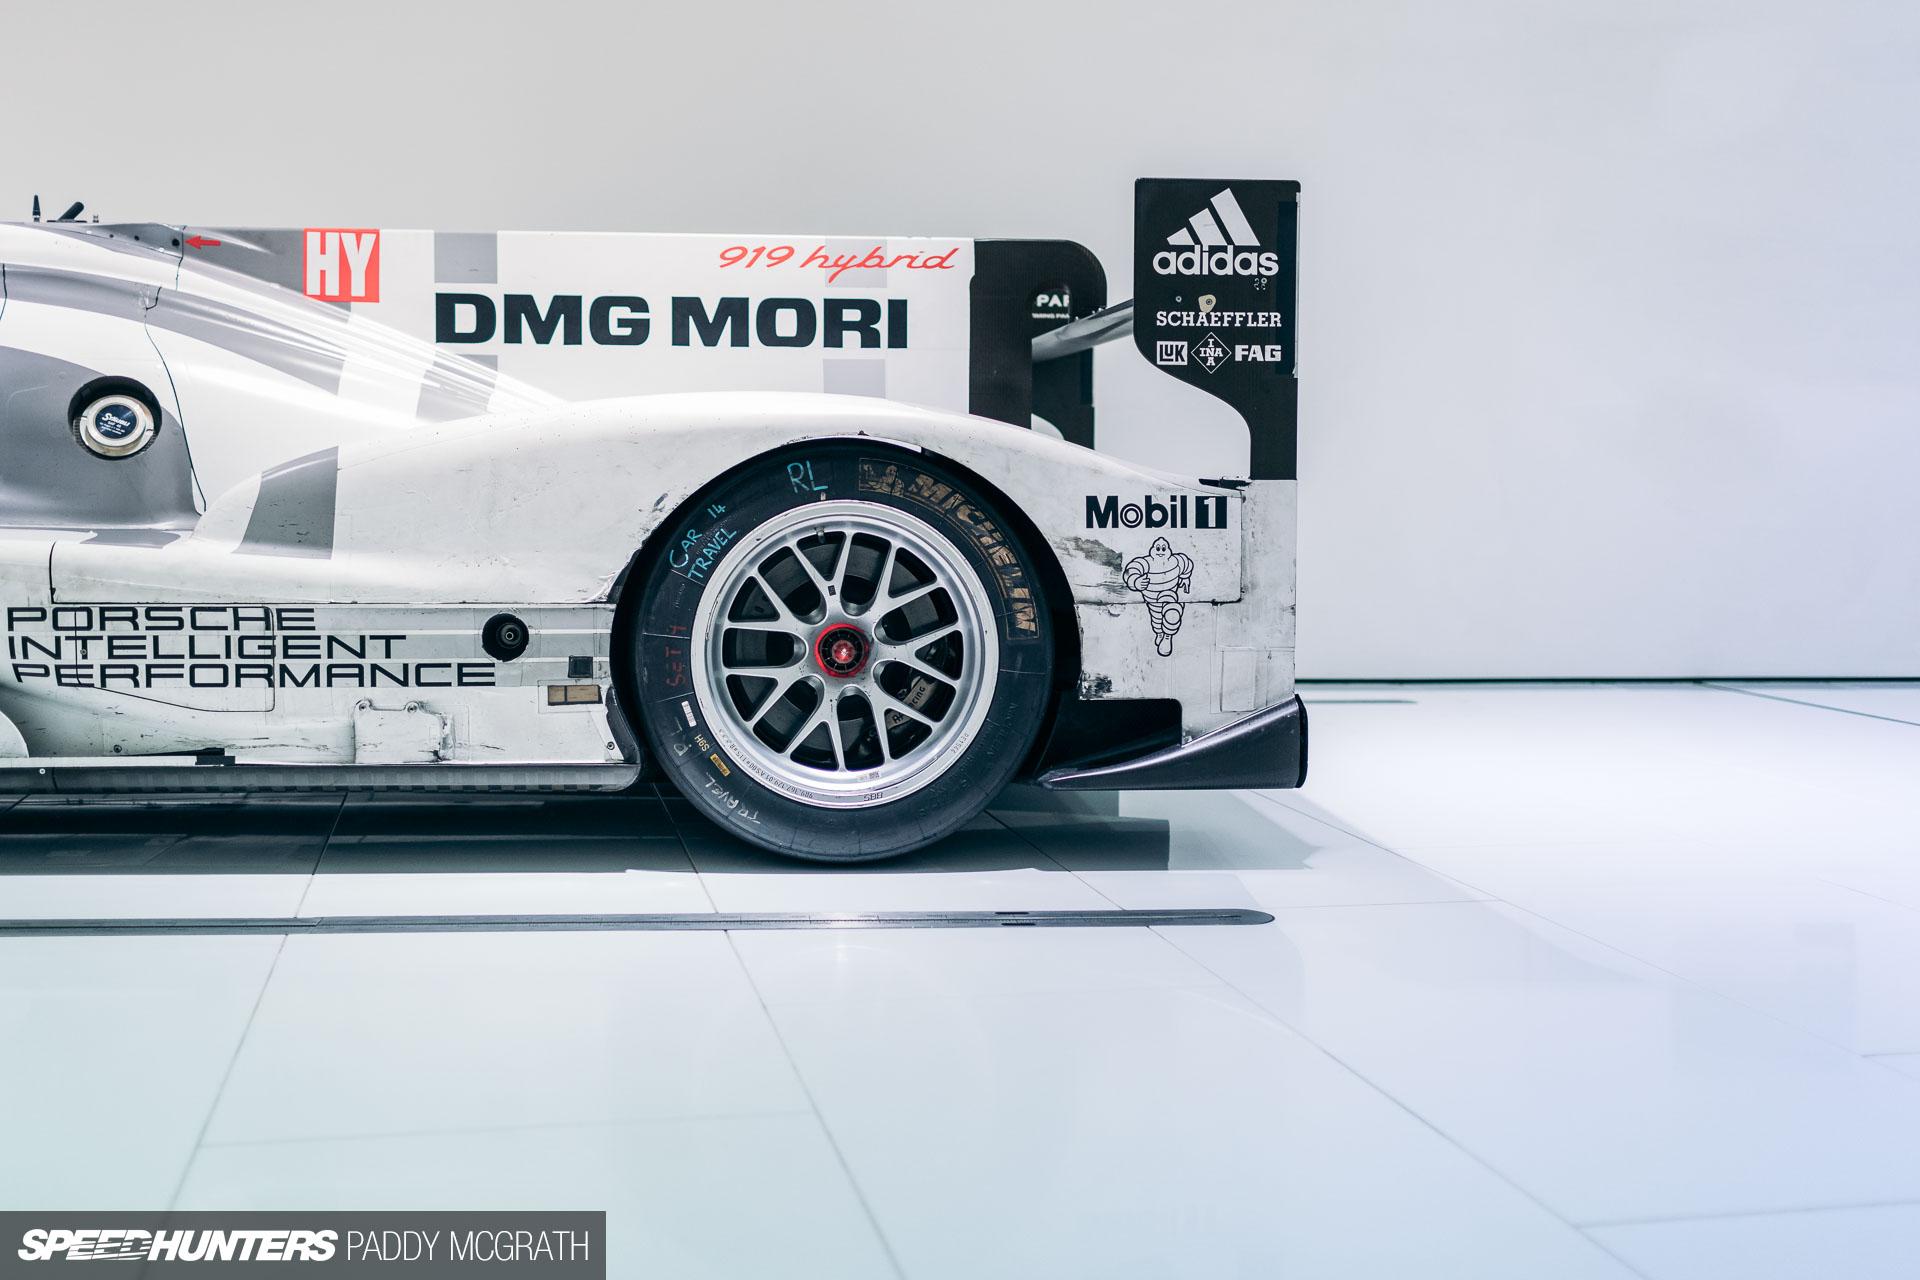 The Porsche Museum InPictures